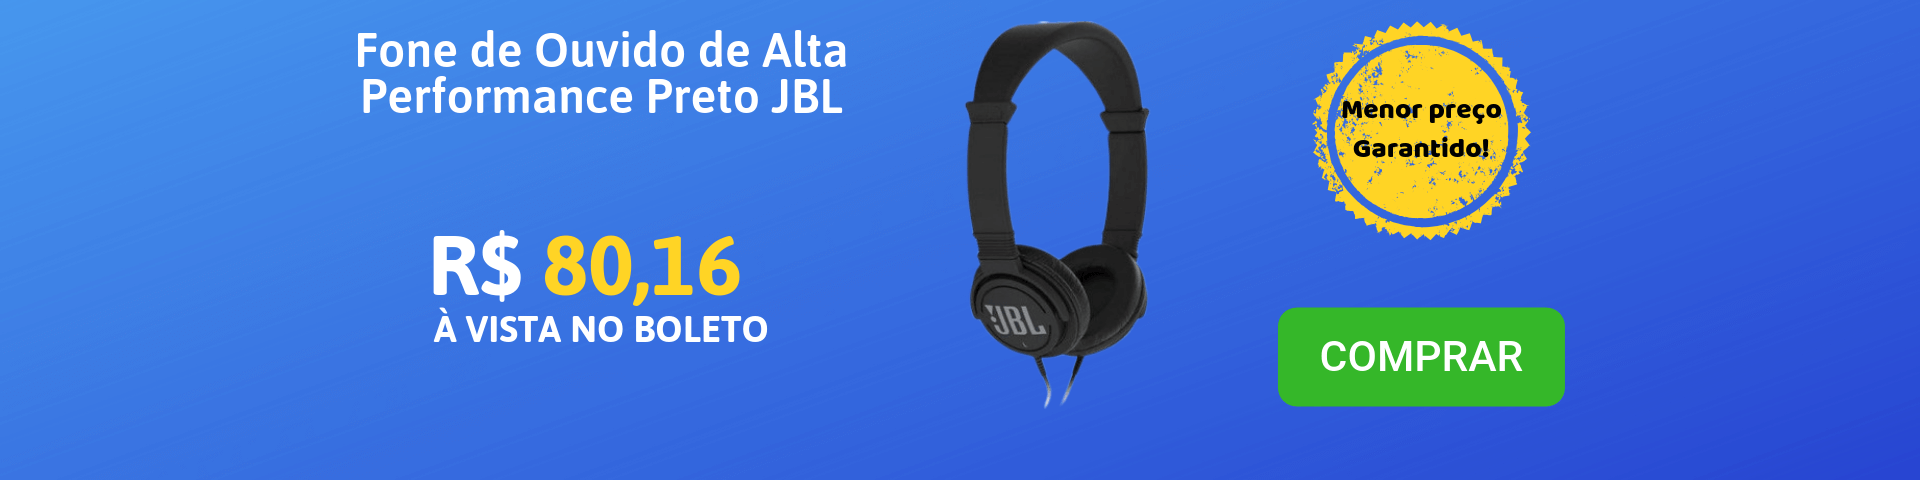 Fone de Ouvido de Alta Performance C300SI Preto JBL